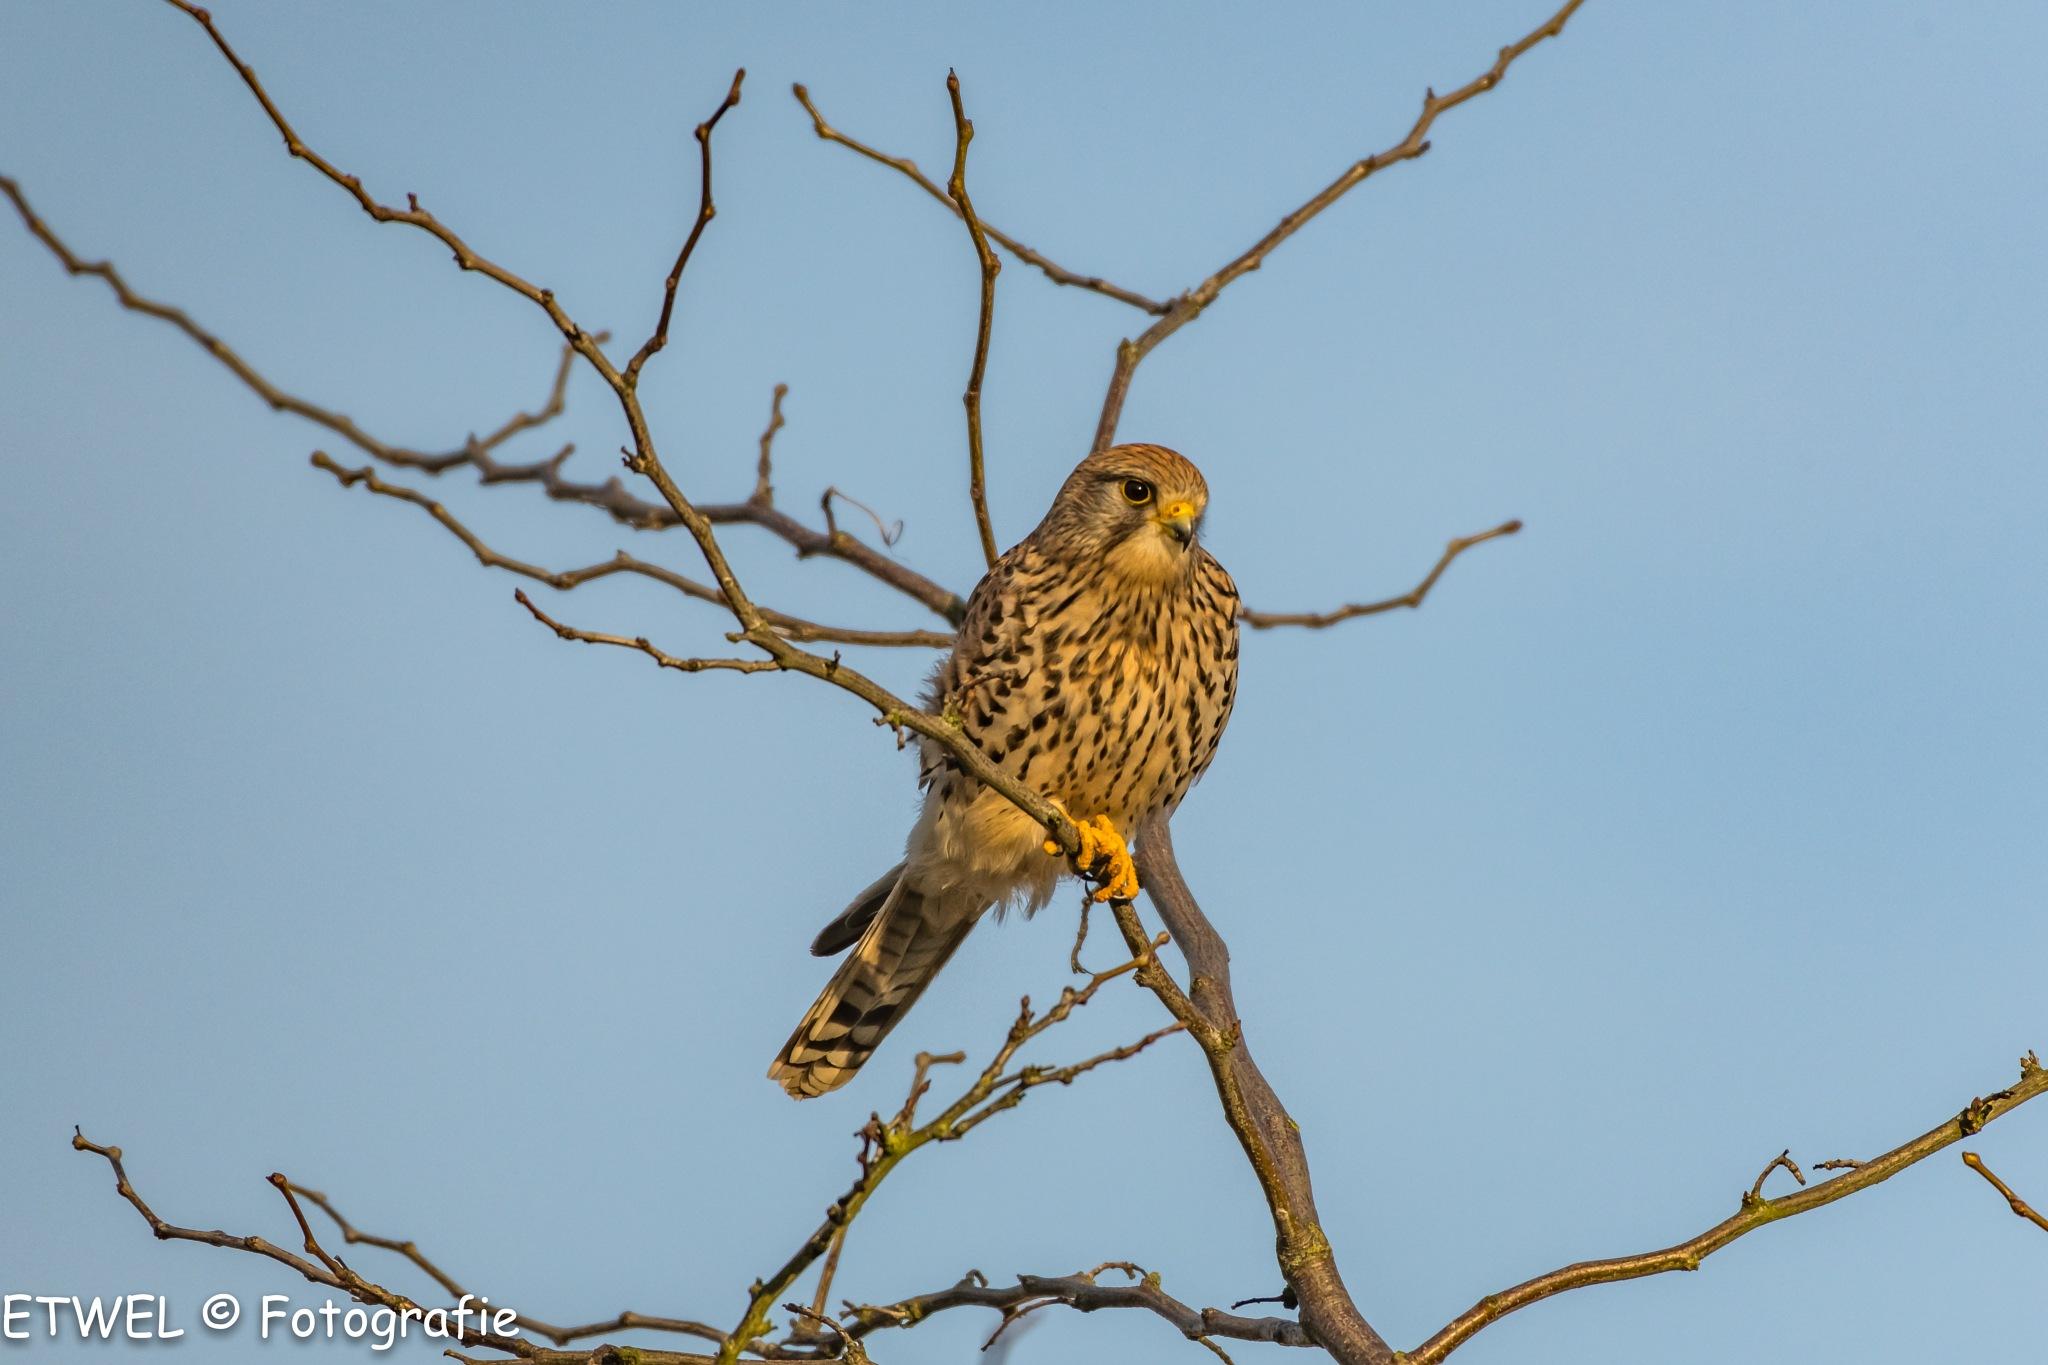 Falcon lady by        ETWEL © Fotografie